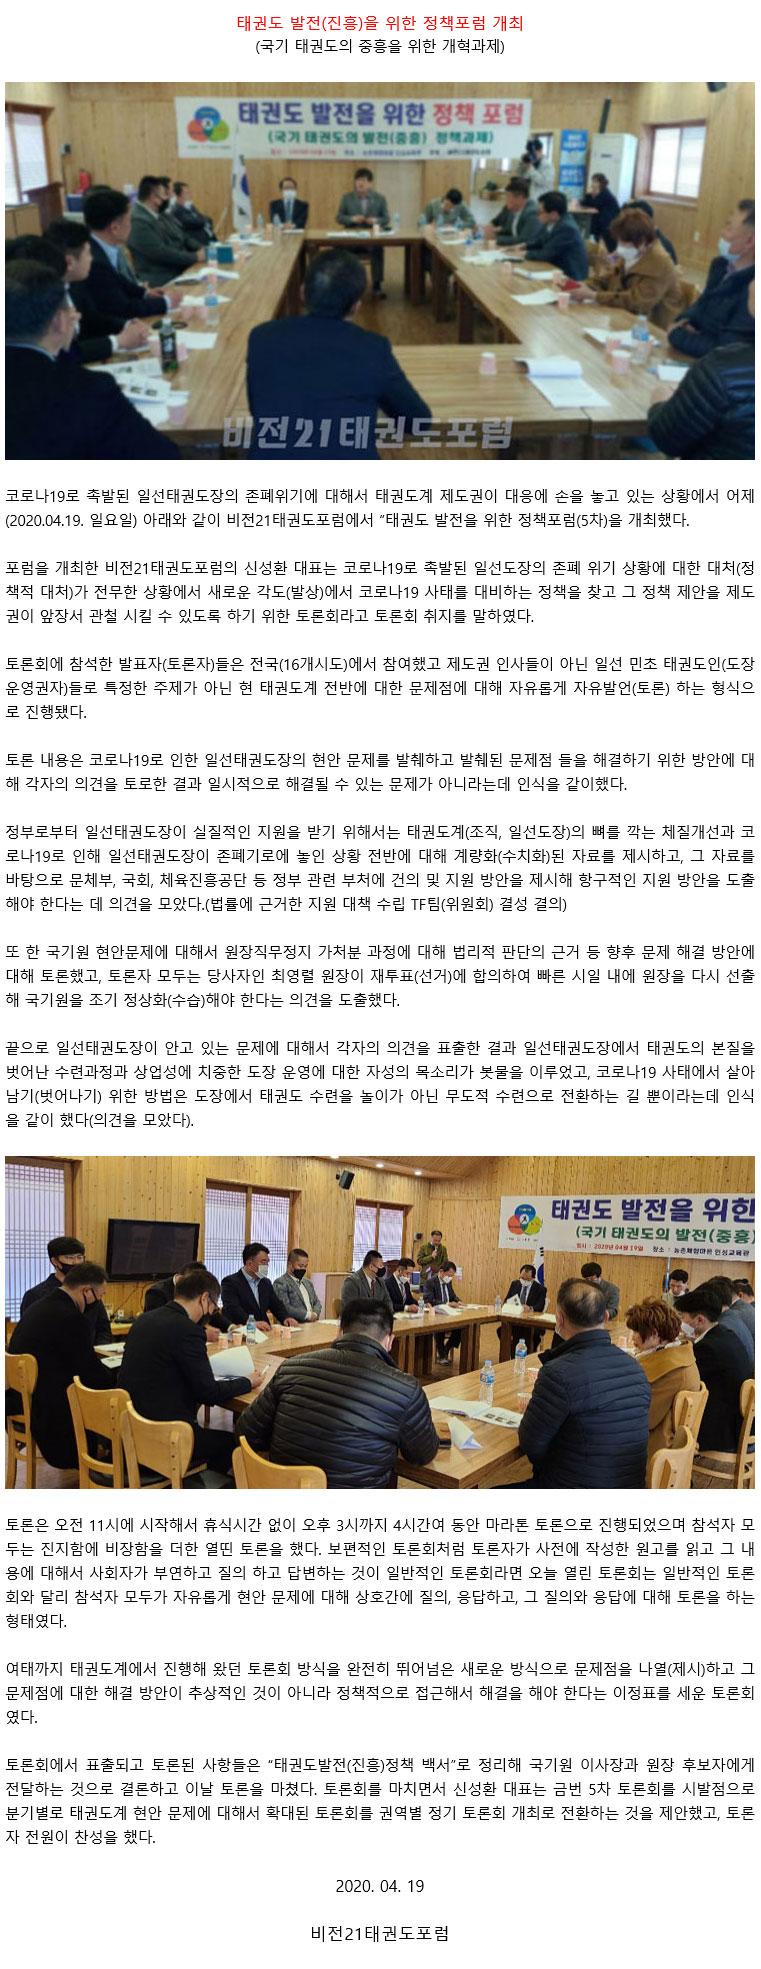 20200419_국기태권도발전(진흥)을위한정책포럼개최.jpg